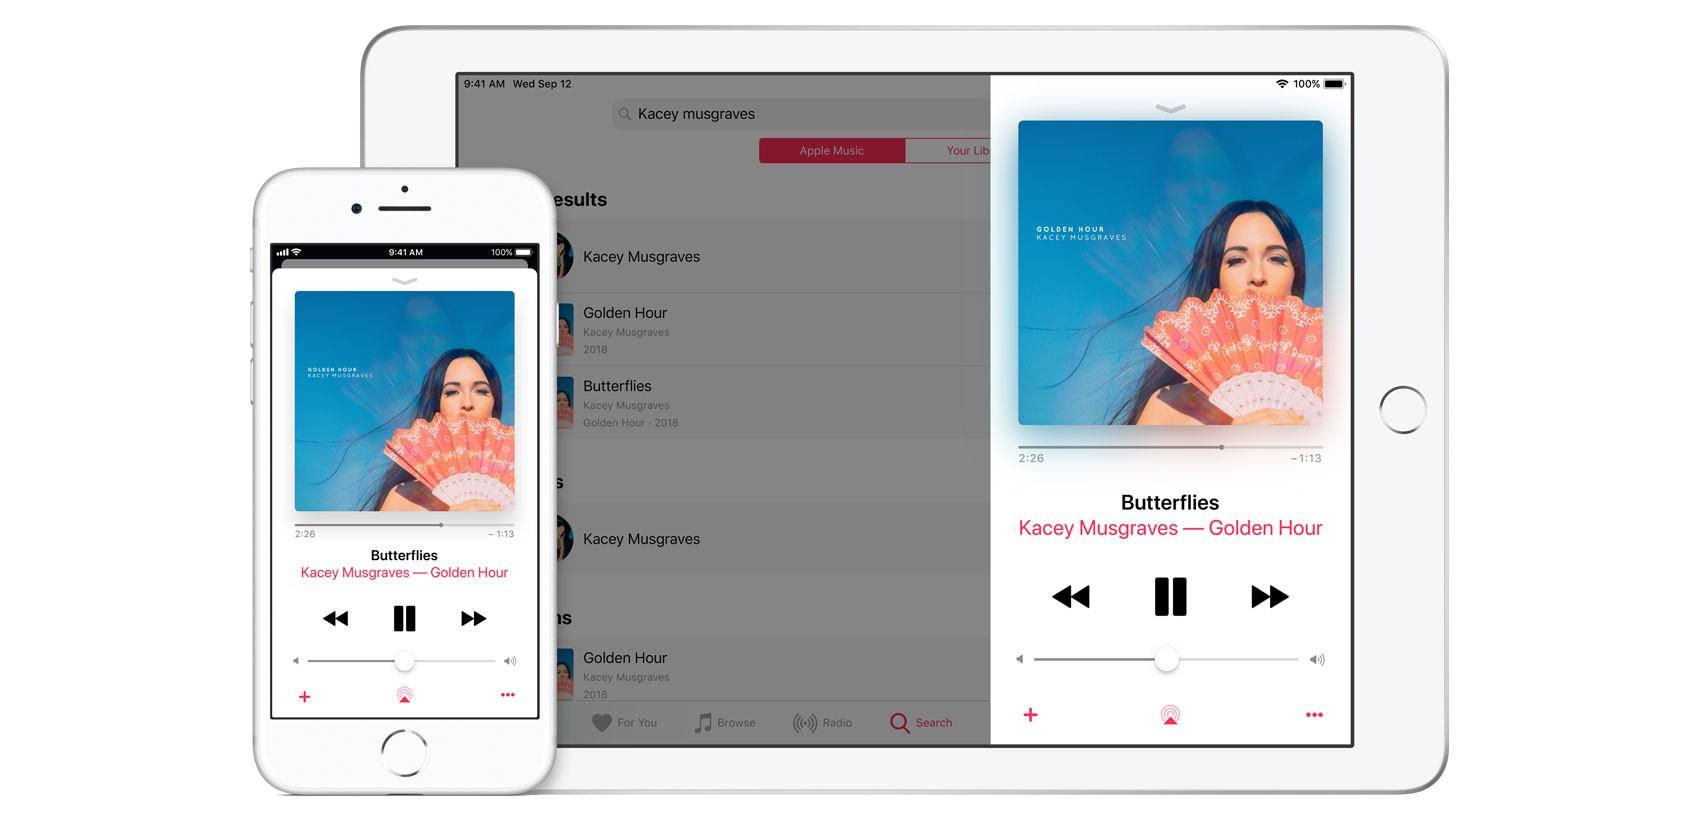 Apple-chinh-thuc-noi-loi-tam-biet-voi-iTunes-3